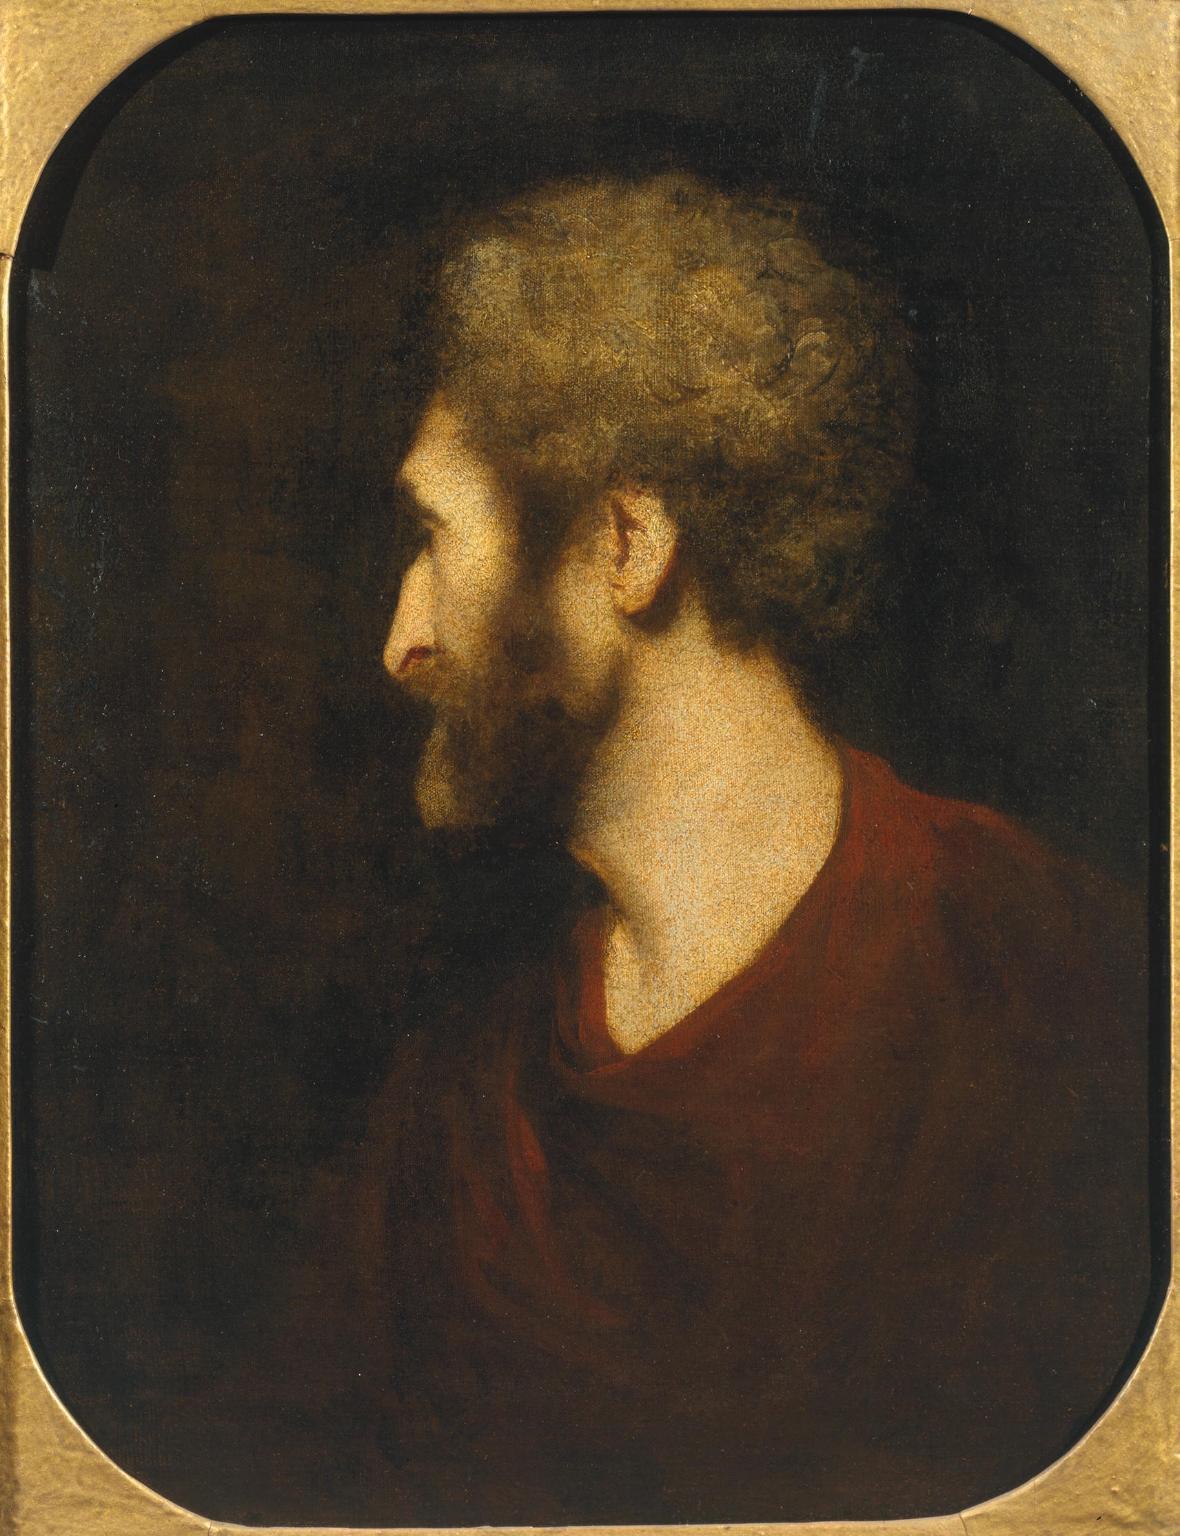 A Man's Head c.1771-3 by Sir Joshua Reynolds 1723-1792